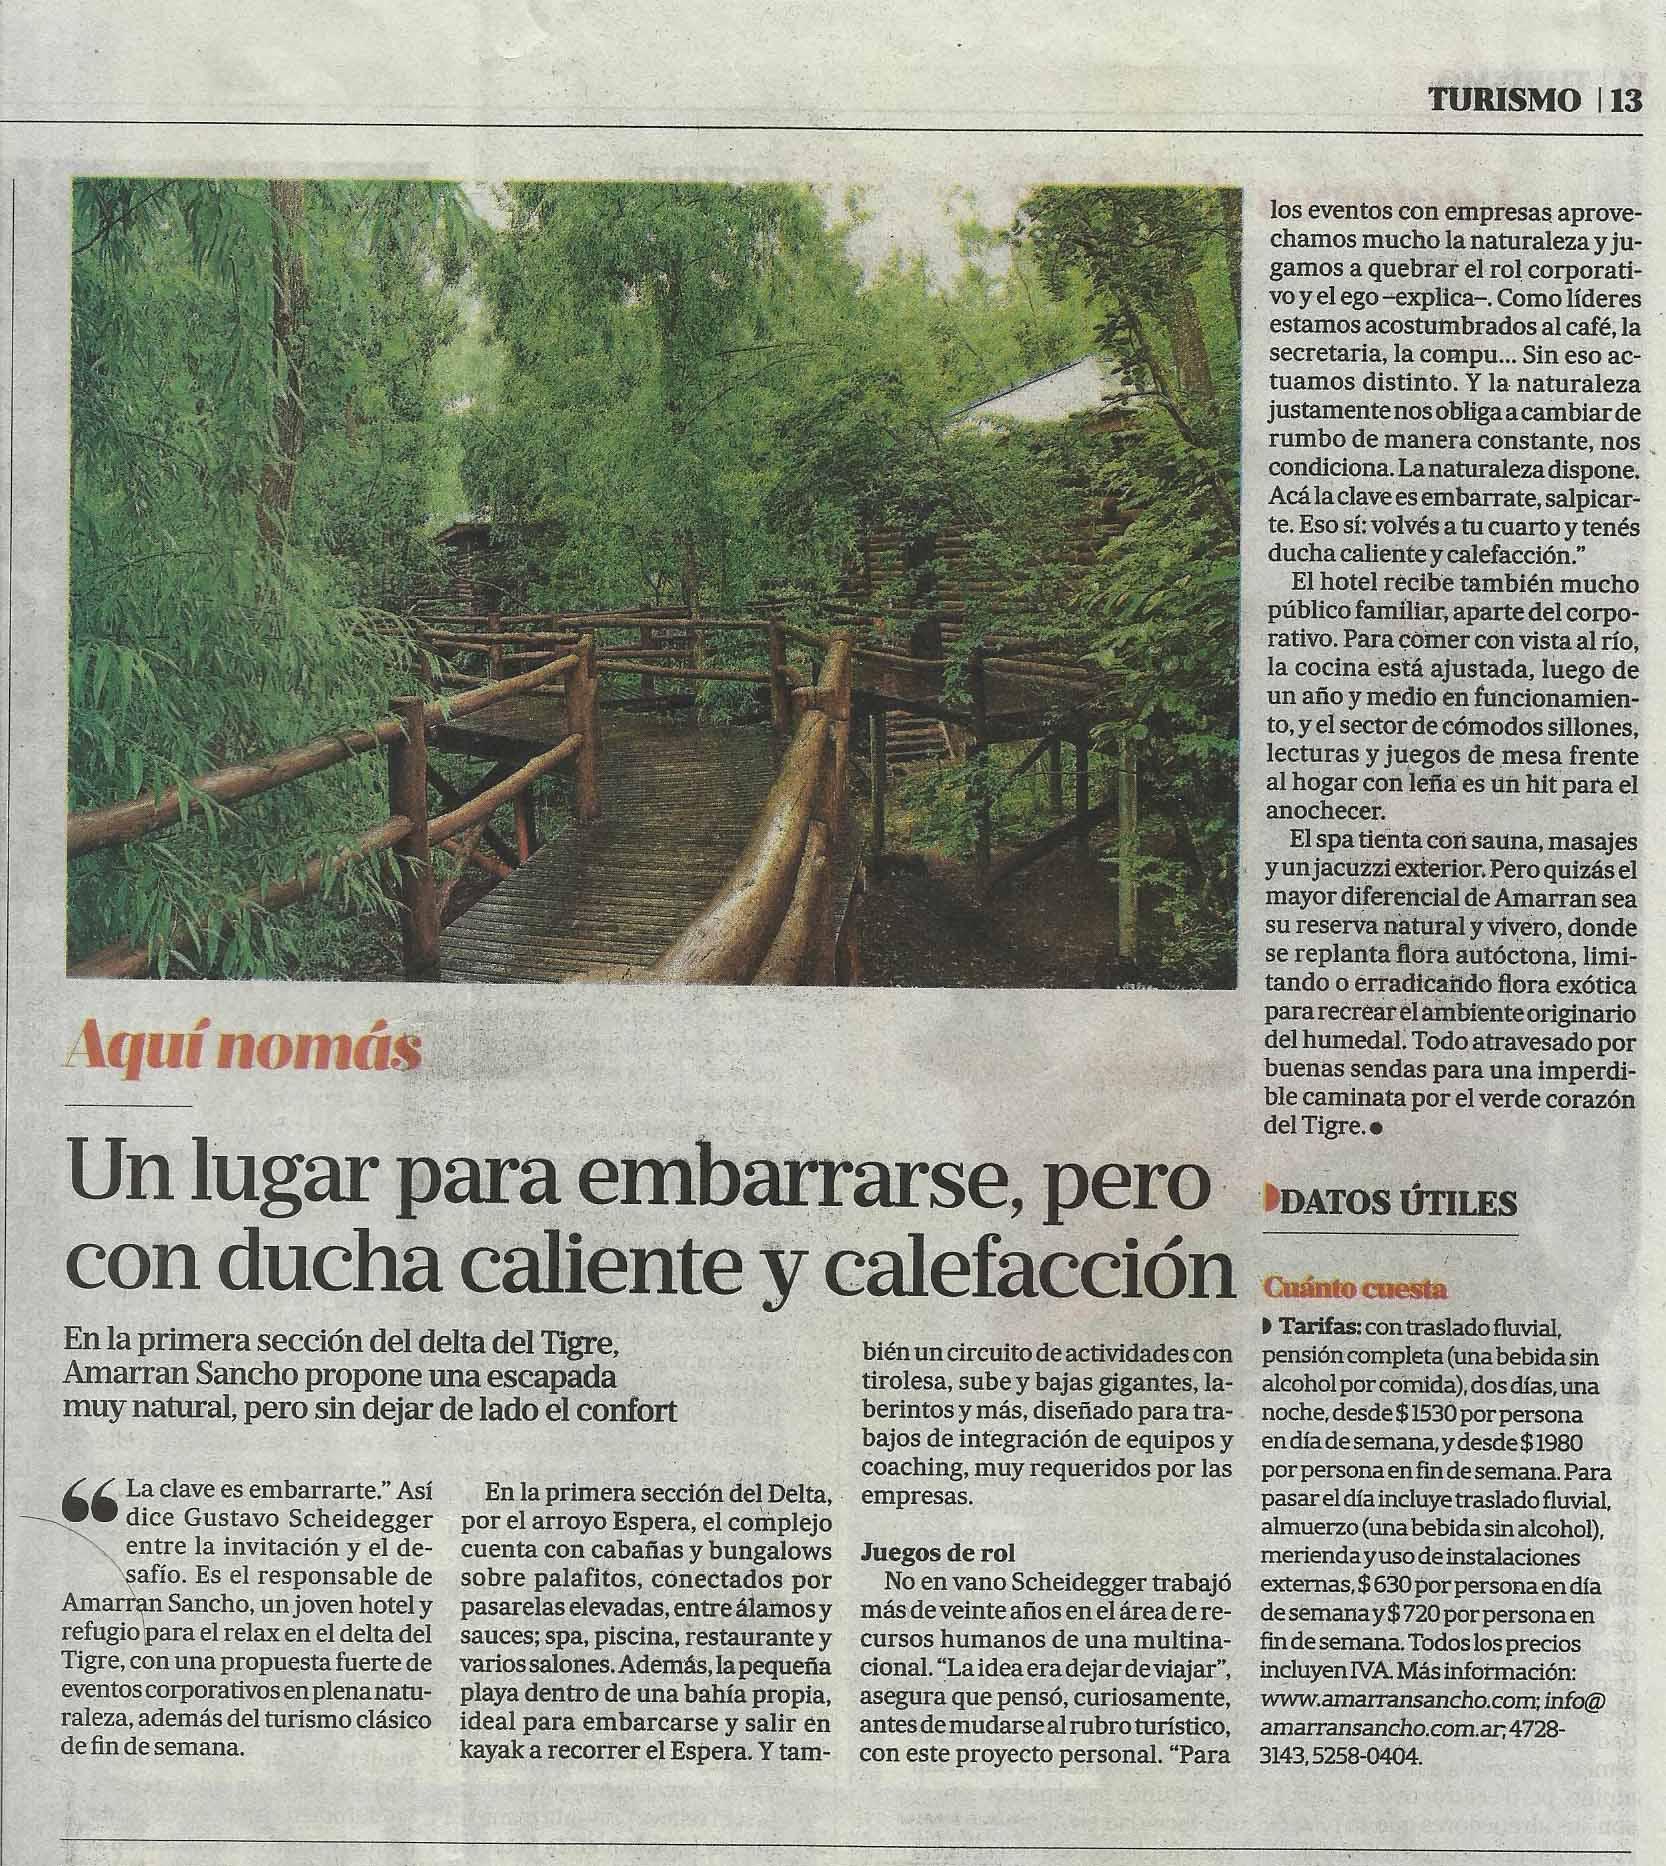 La Nación Turismo Amarran Sancho